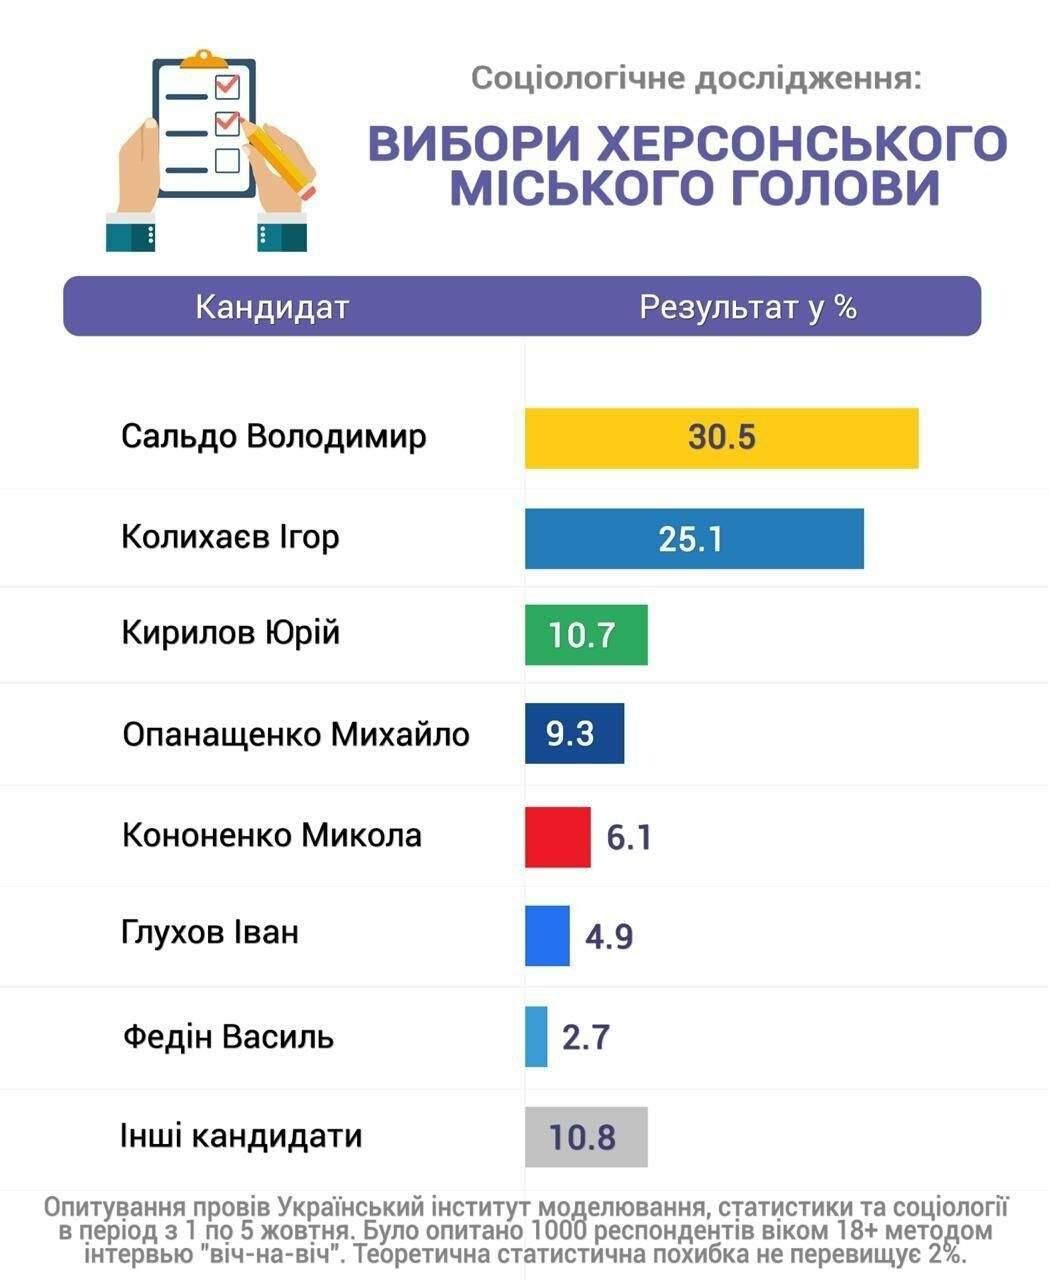 55% херсонцев решительно настроены идти на предстоящие выборы, фото-1